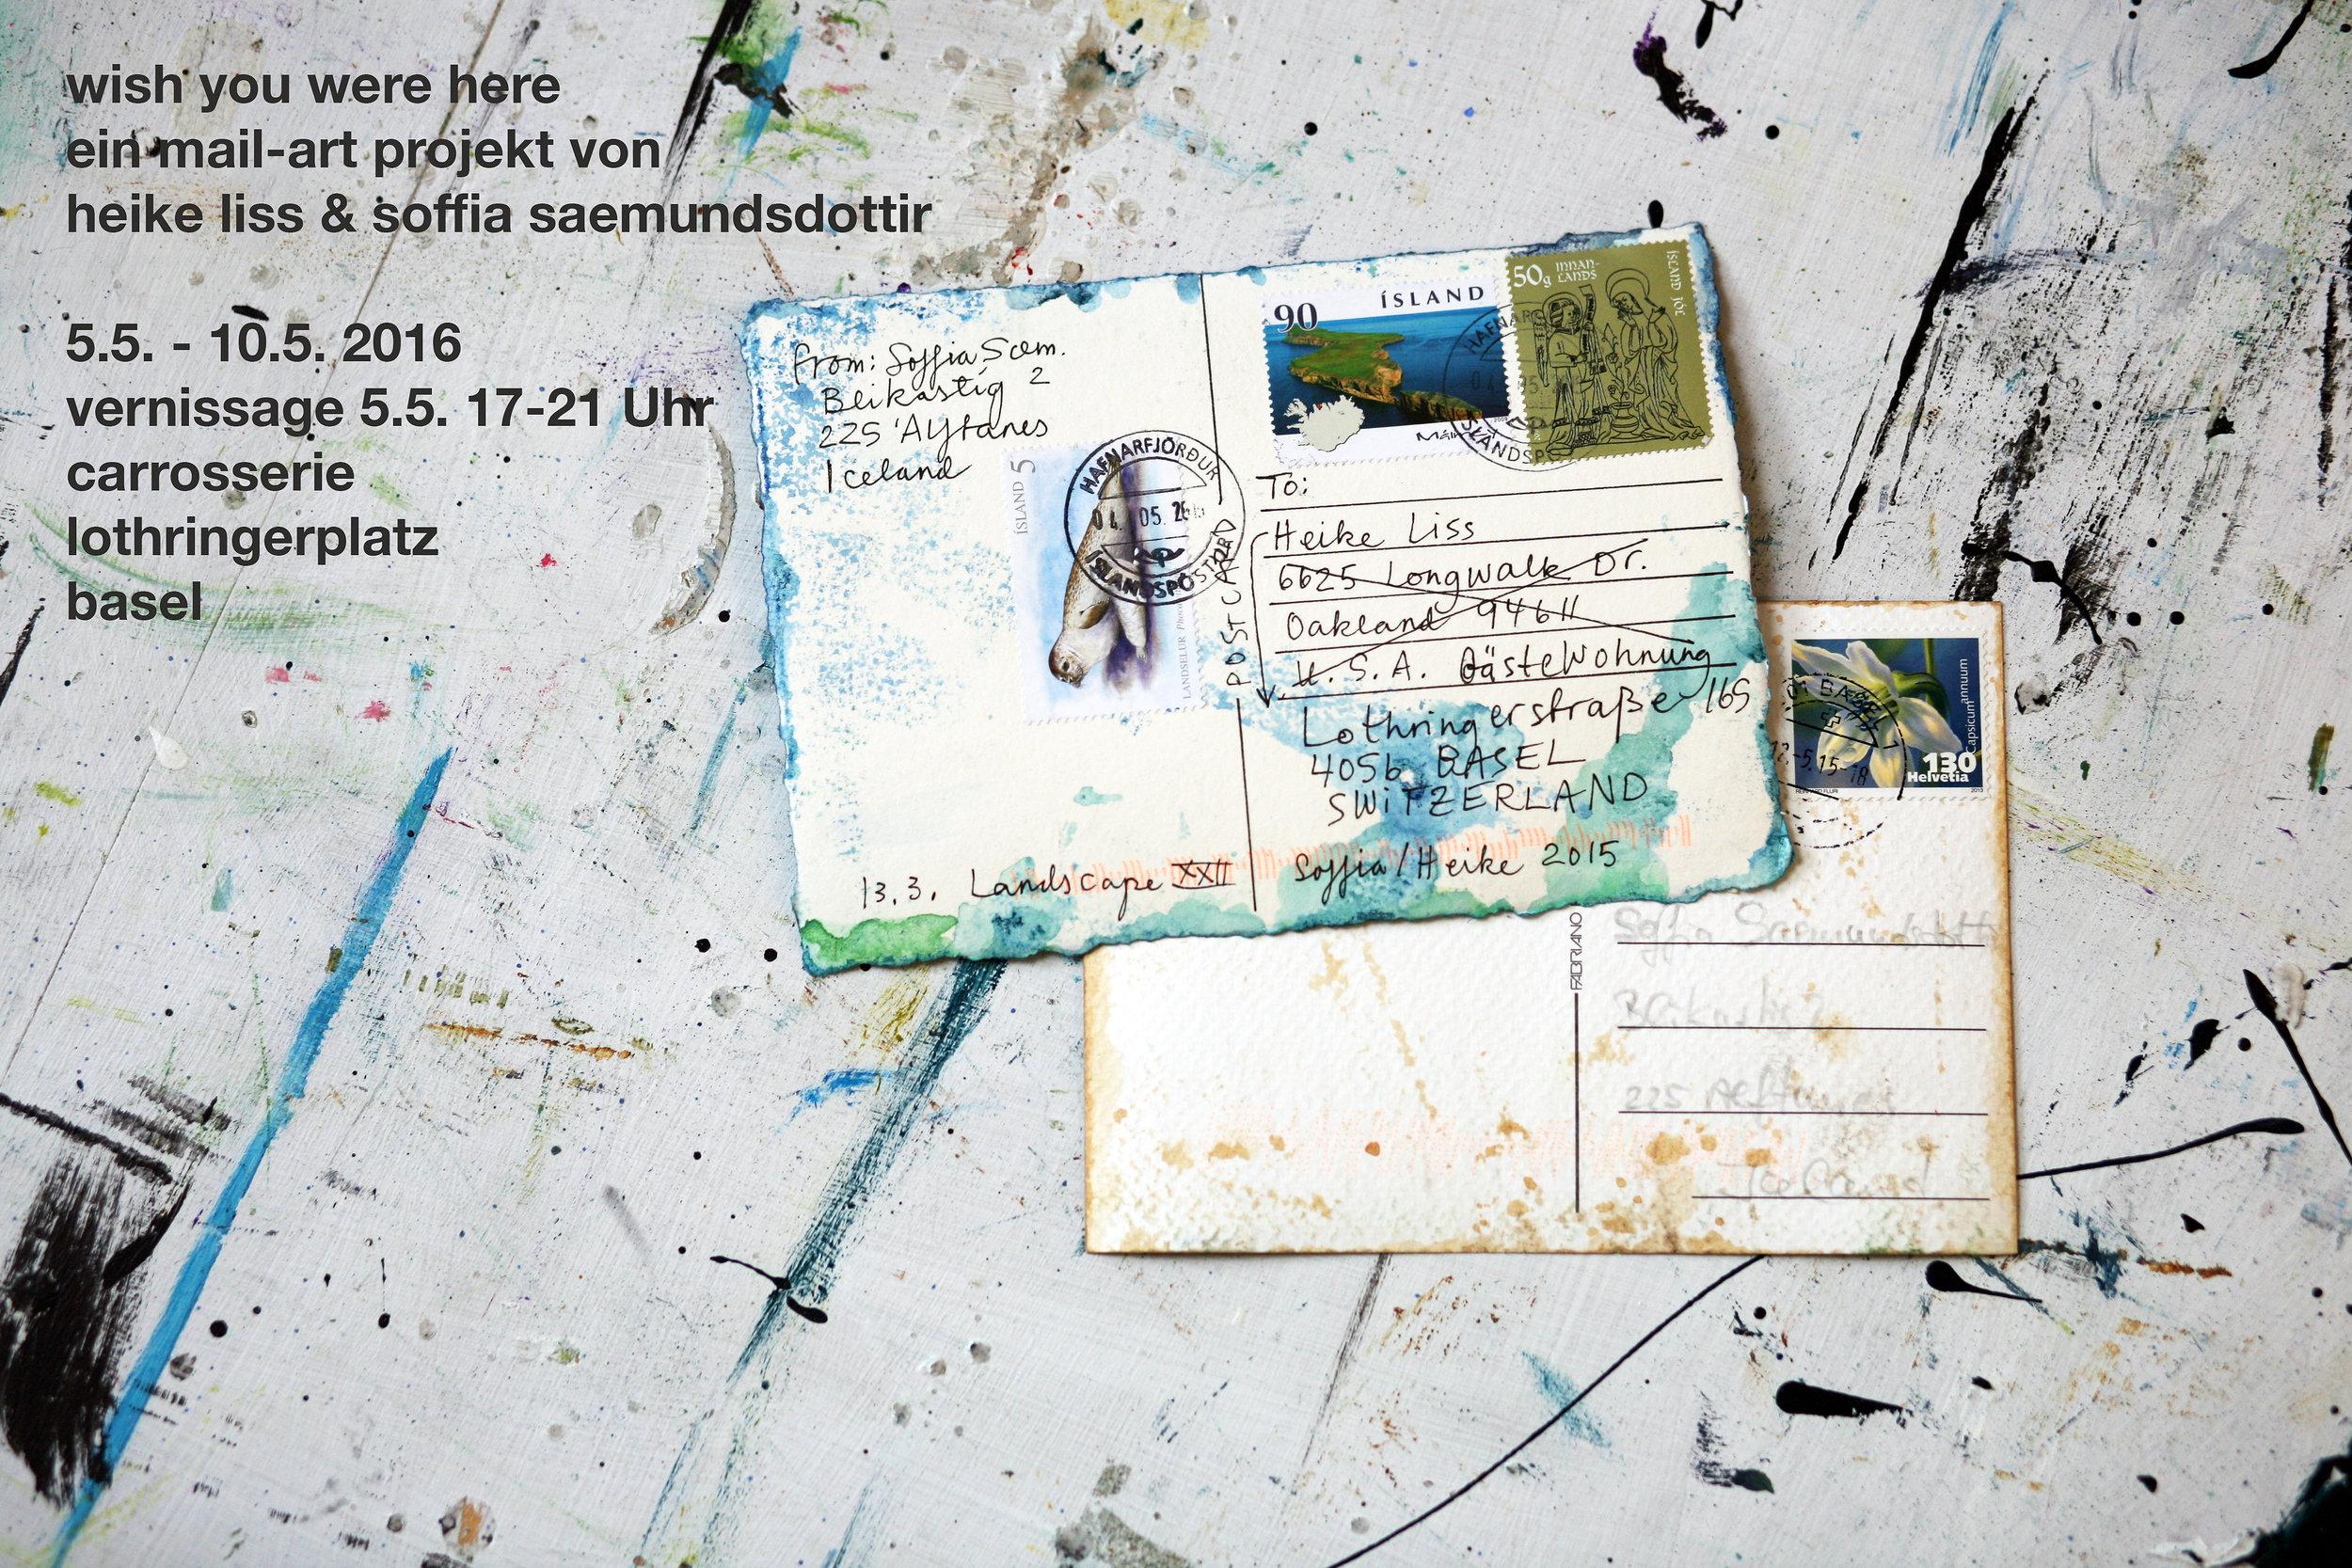 wishtouwerehere_card.jpg